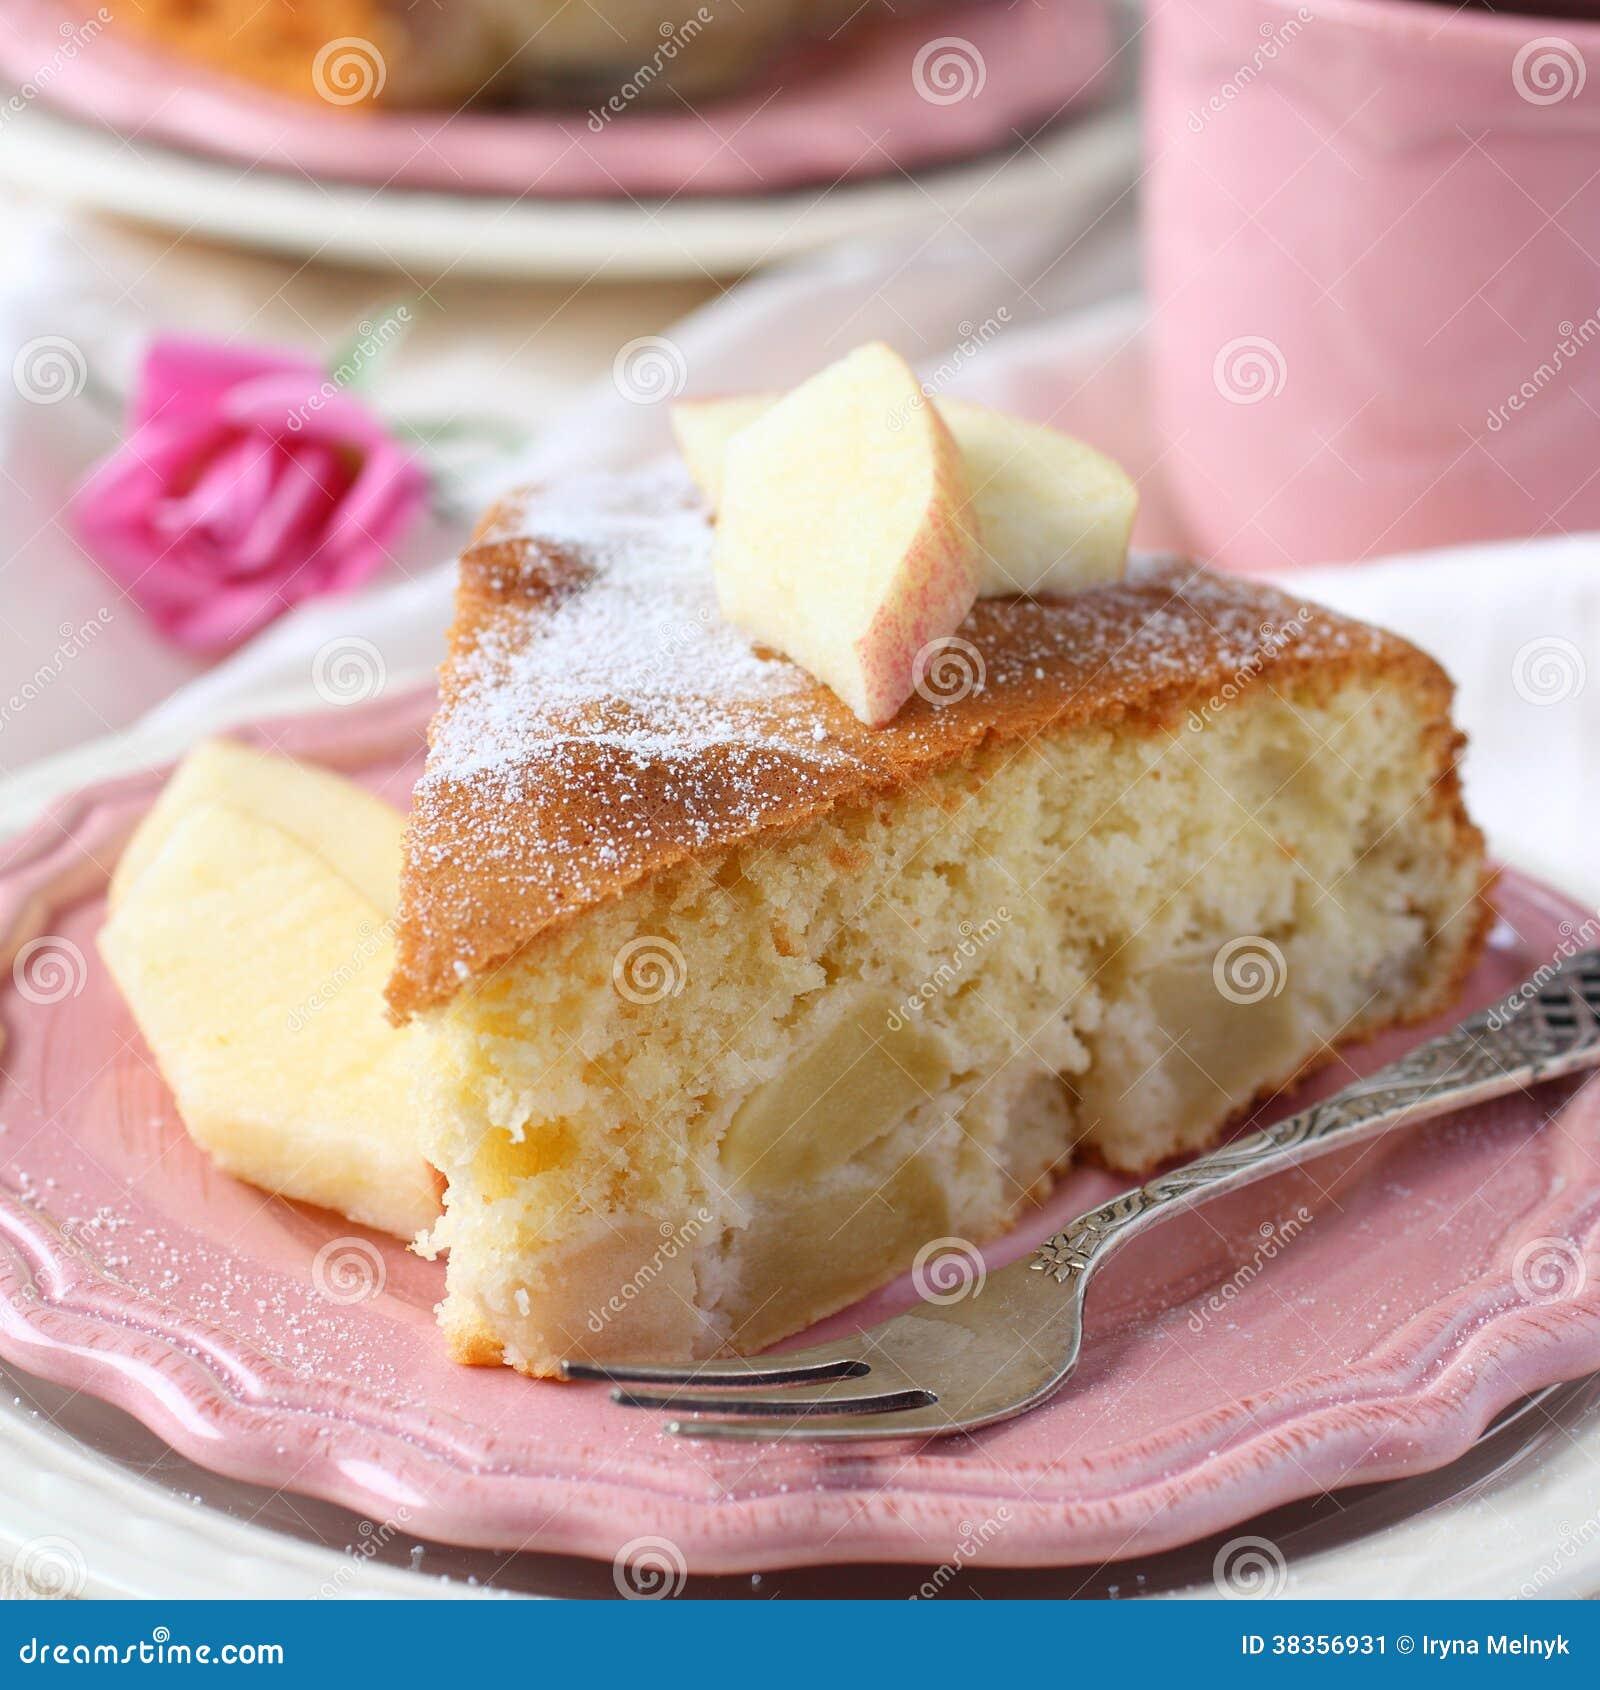 Apple Filling For Sponge Cake